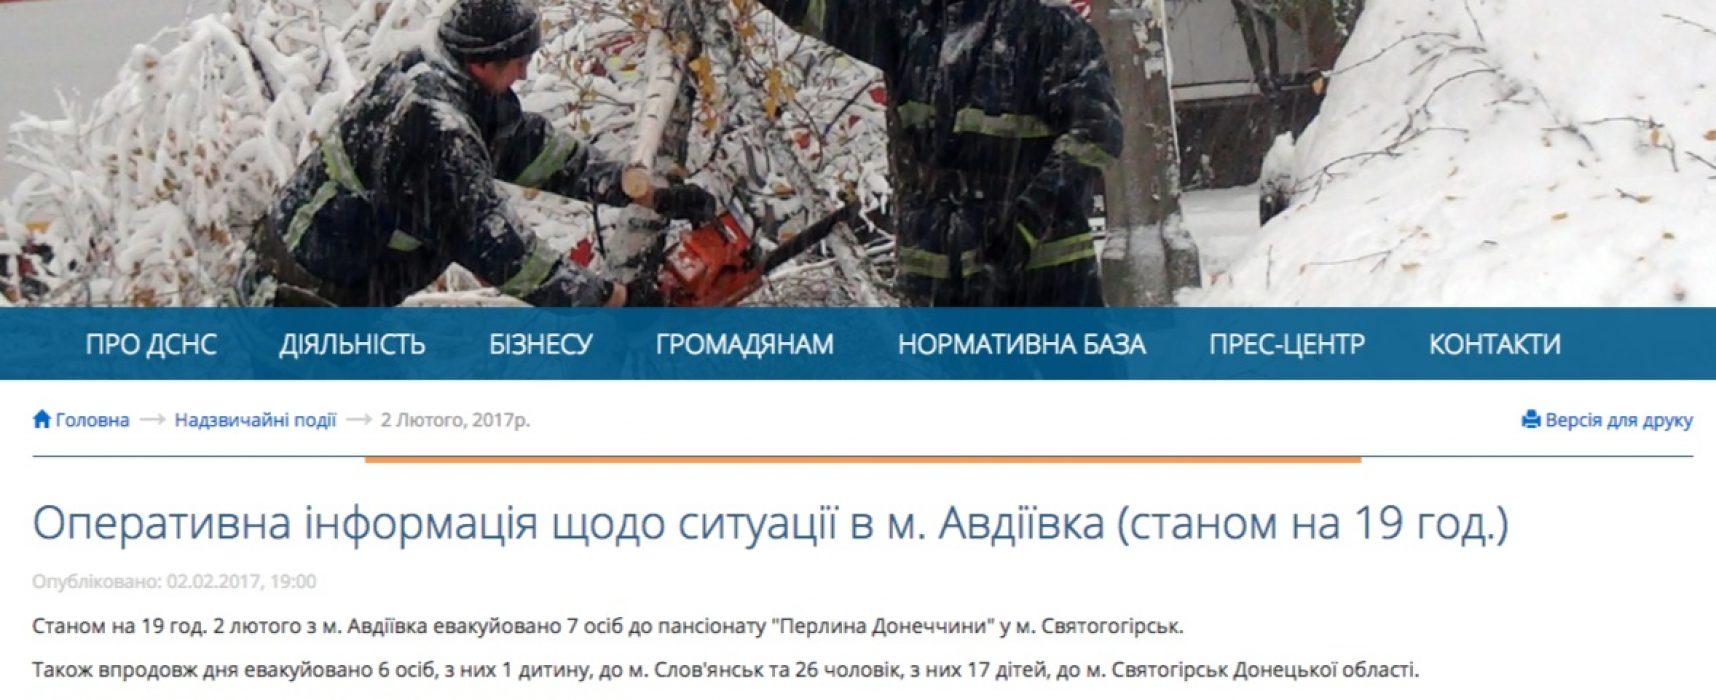 Falso: Las casas de Avdiivka fueron saqueadas tras una evacuación forzosa